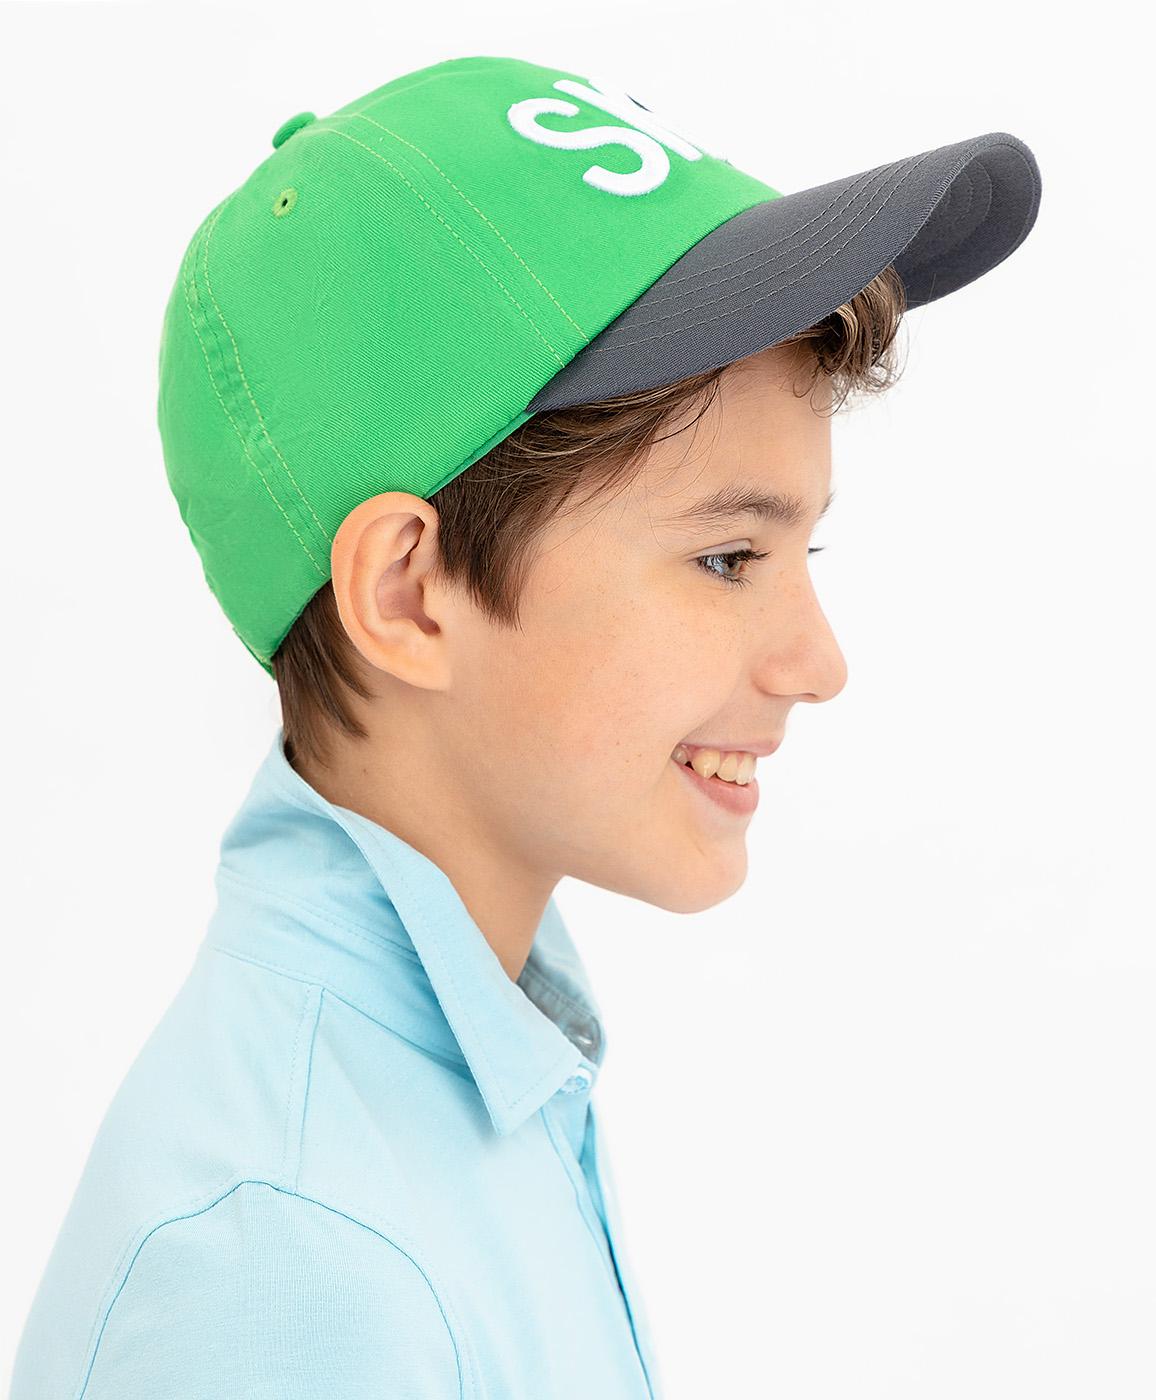 Купить 120BBBF71014800, Зеленая бейсболка Button Blue, зеленый, 50-52, Мужской, ВЕСНА/ЛЕТО 2020 (shop: GulliverMarket Gulliver Market)